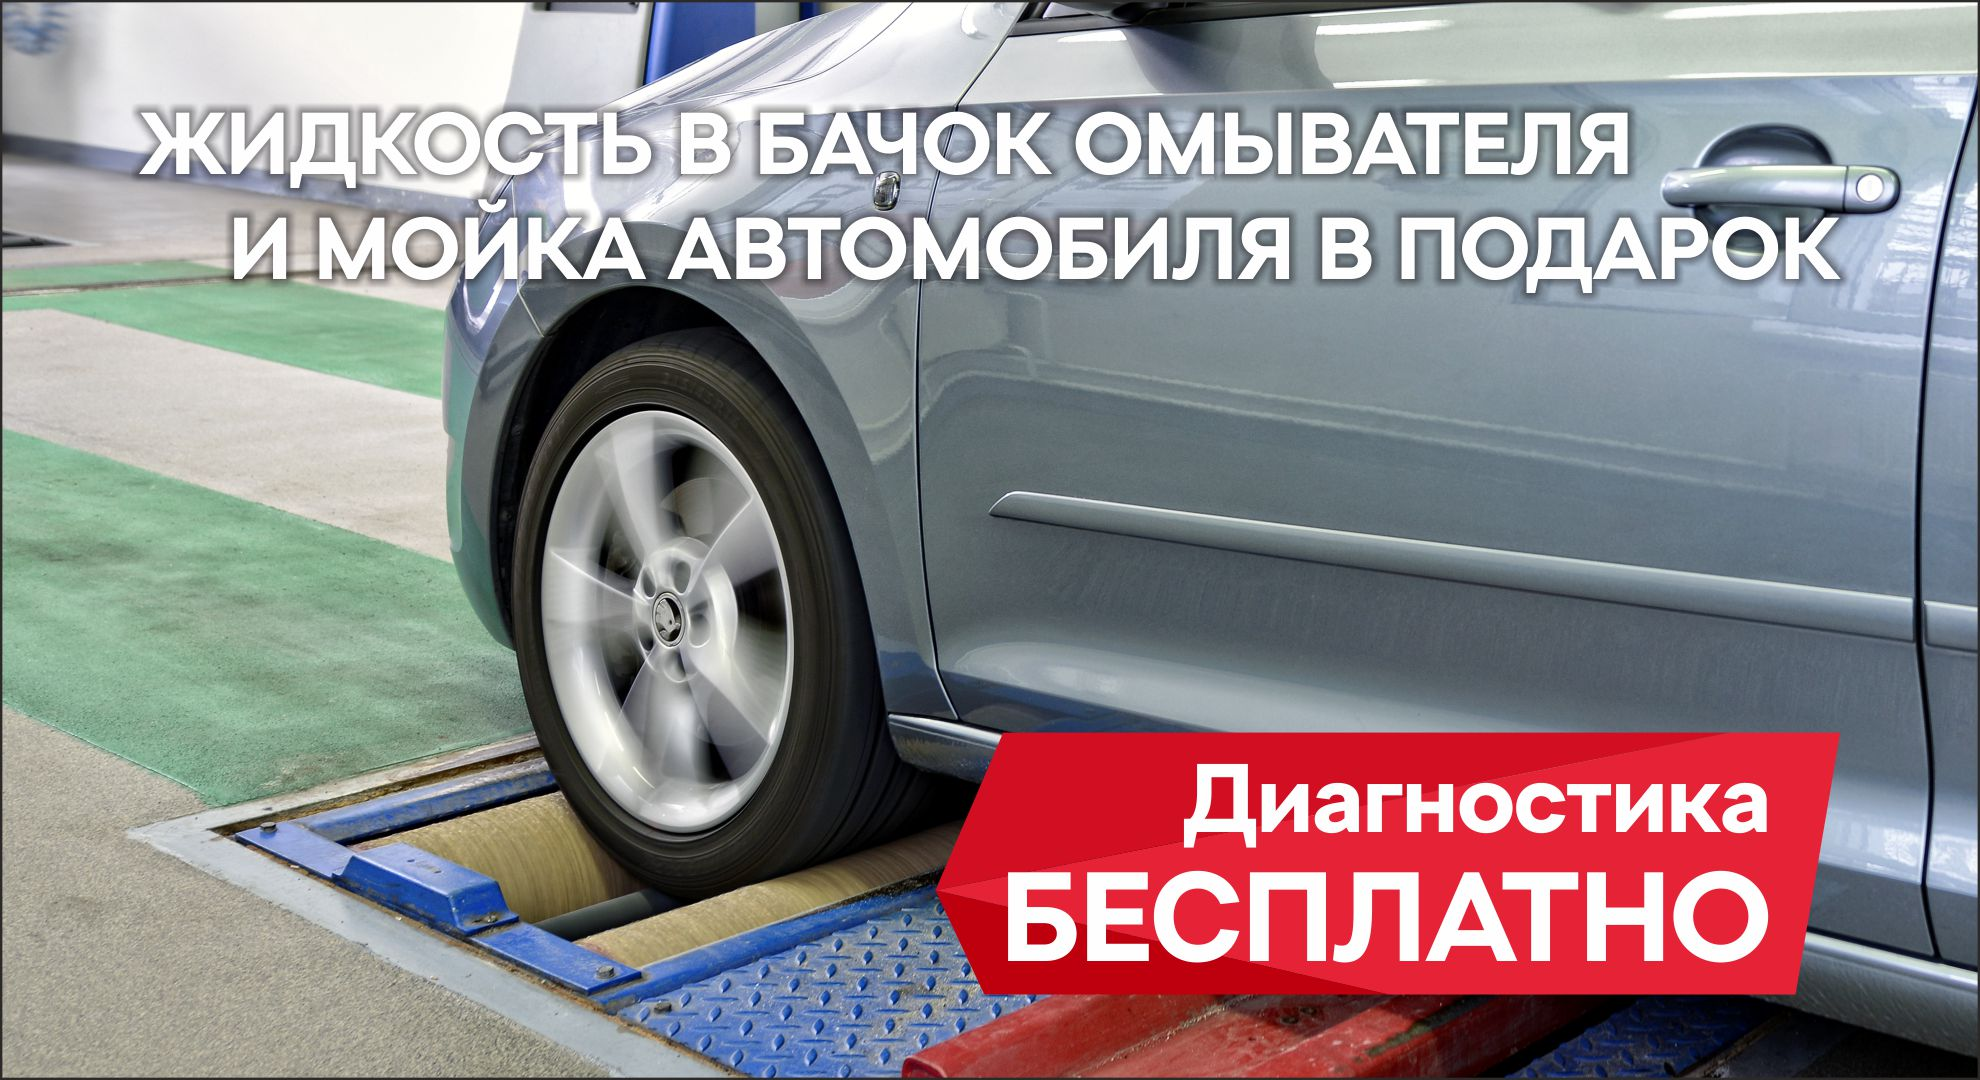 Авто Премиум приглашает на бесплатную диагностику ŠKODA старше трех лет